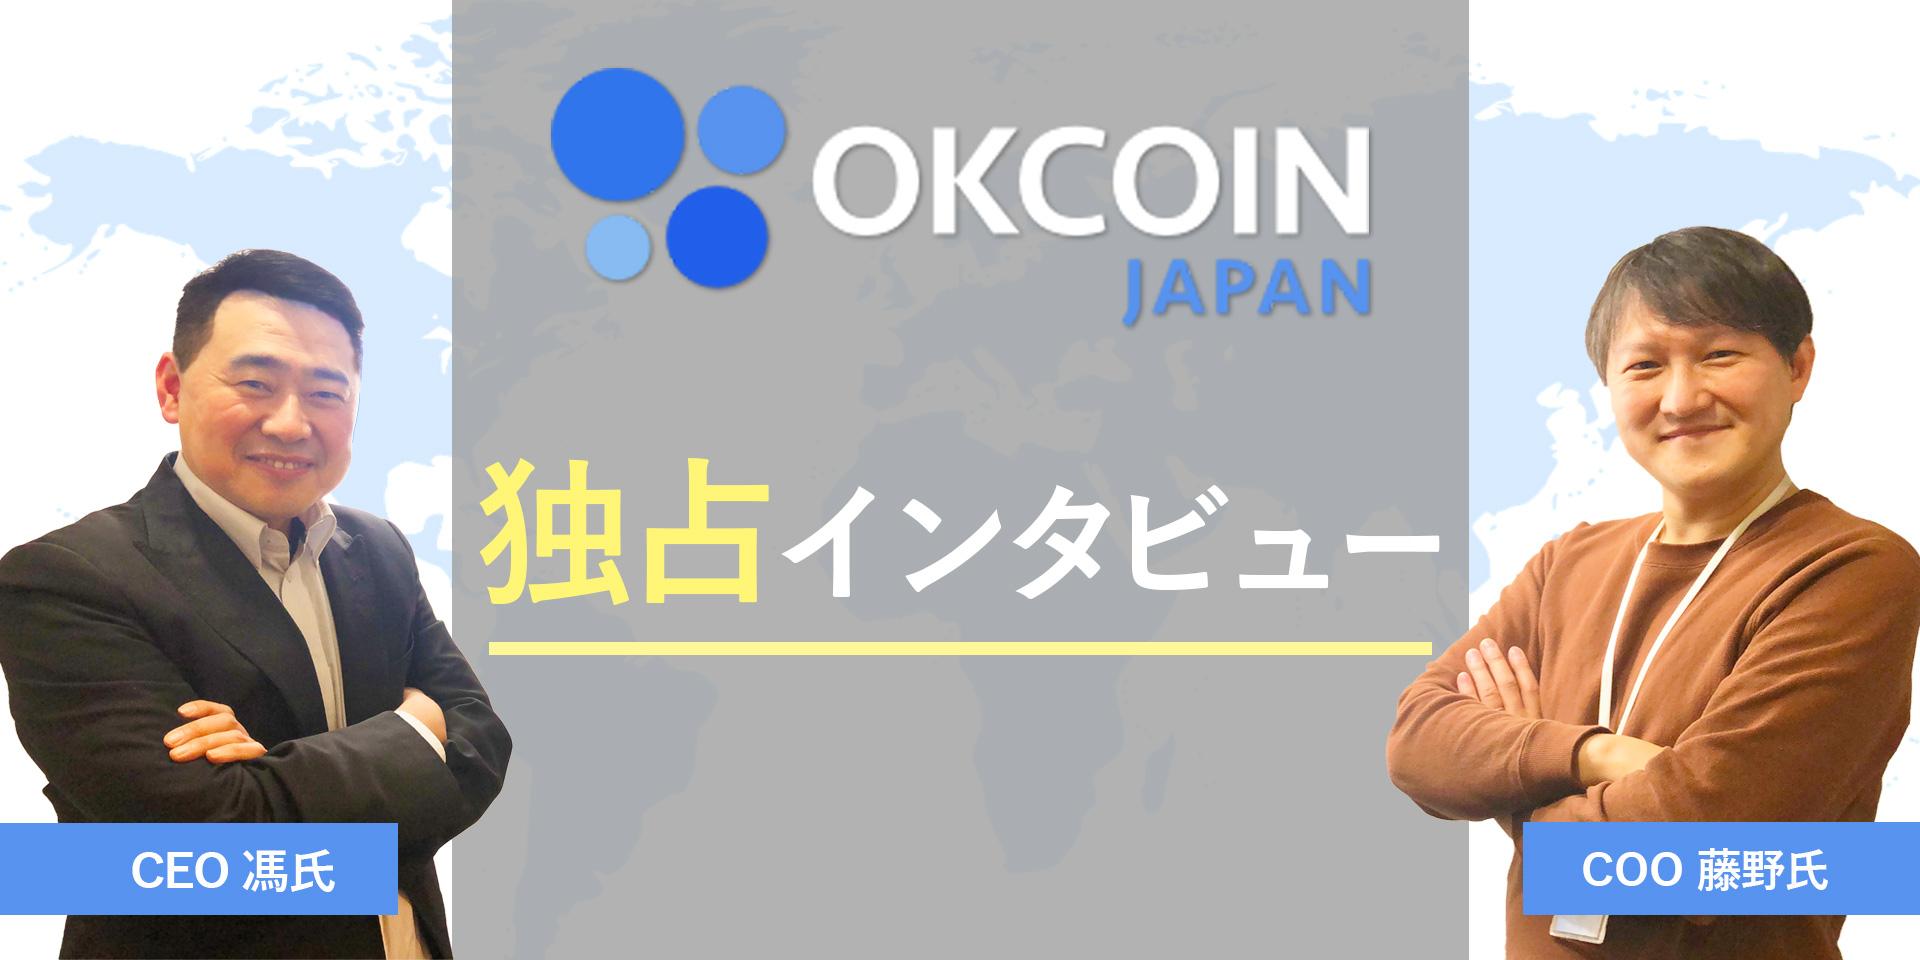 オーケーコイン・ジャパンCEO馮氏、COO藤野氏への独占インタビュー